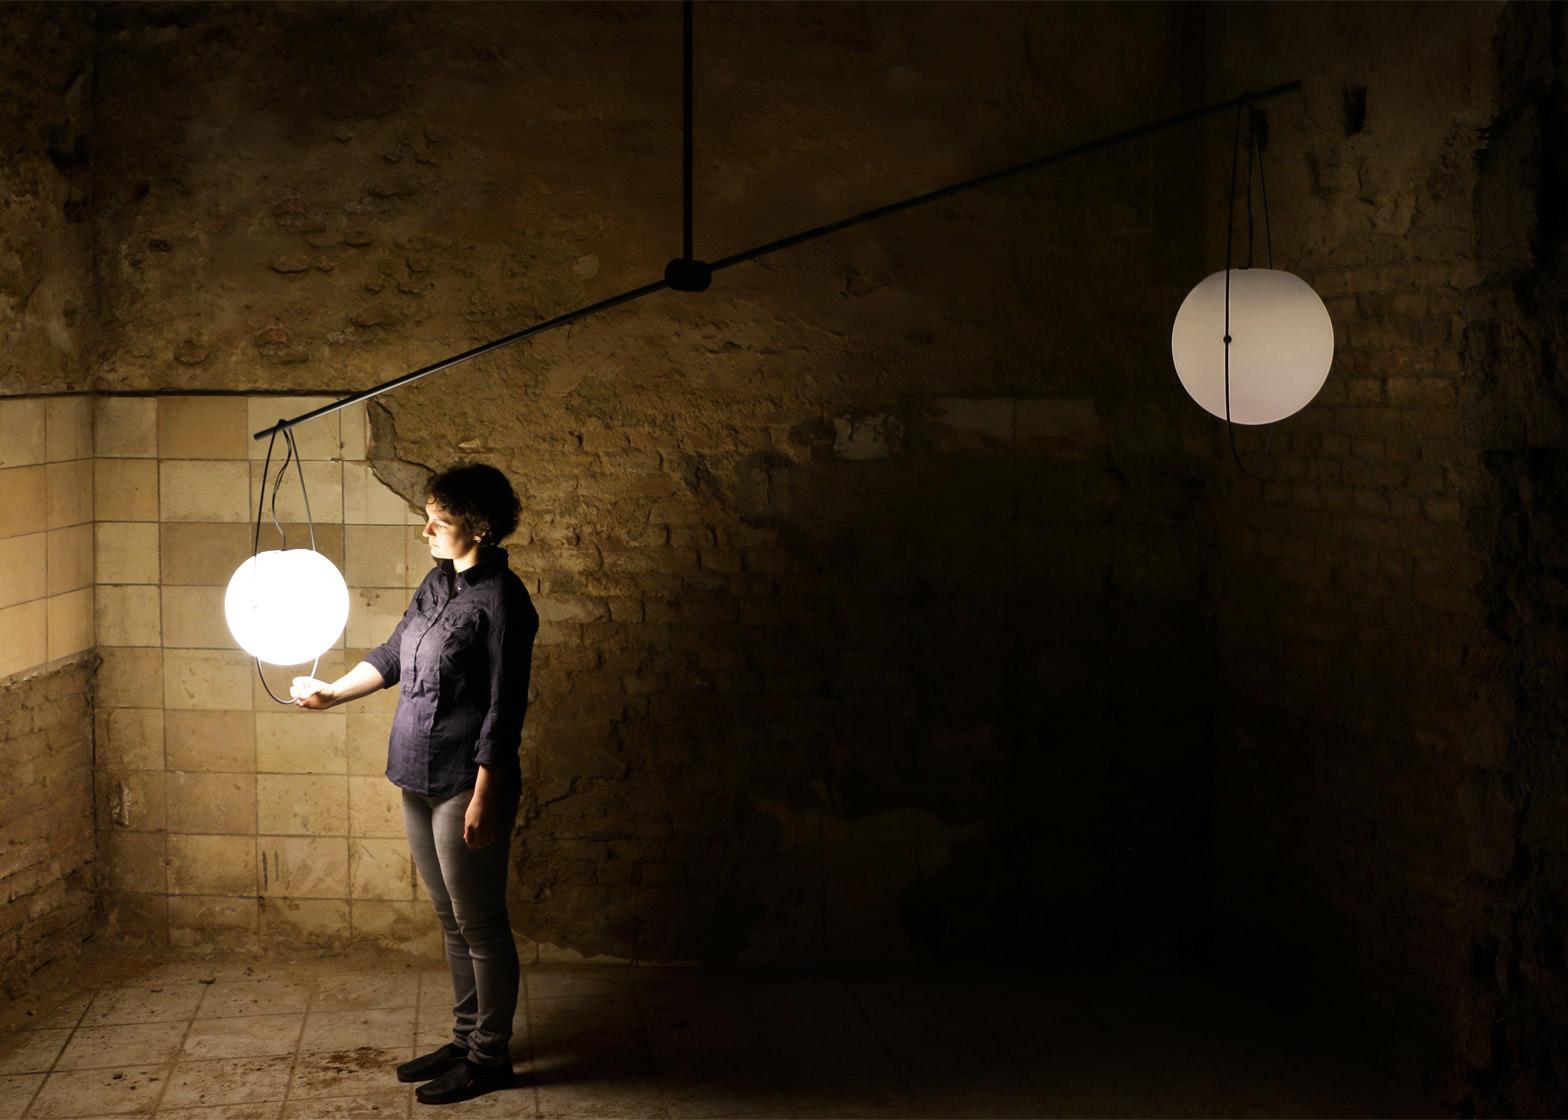 equilumen-mischer-traxler-light-distribution-glas-sphere-design-lighting-motion_dezeen_1568_8